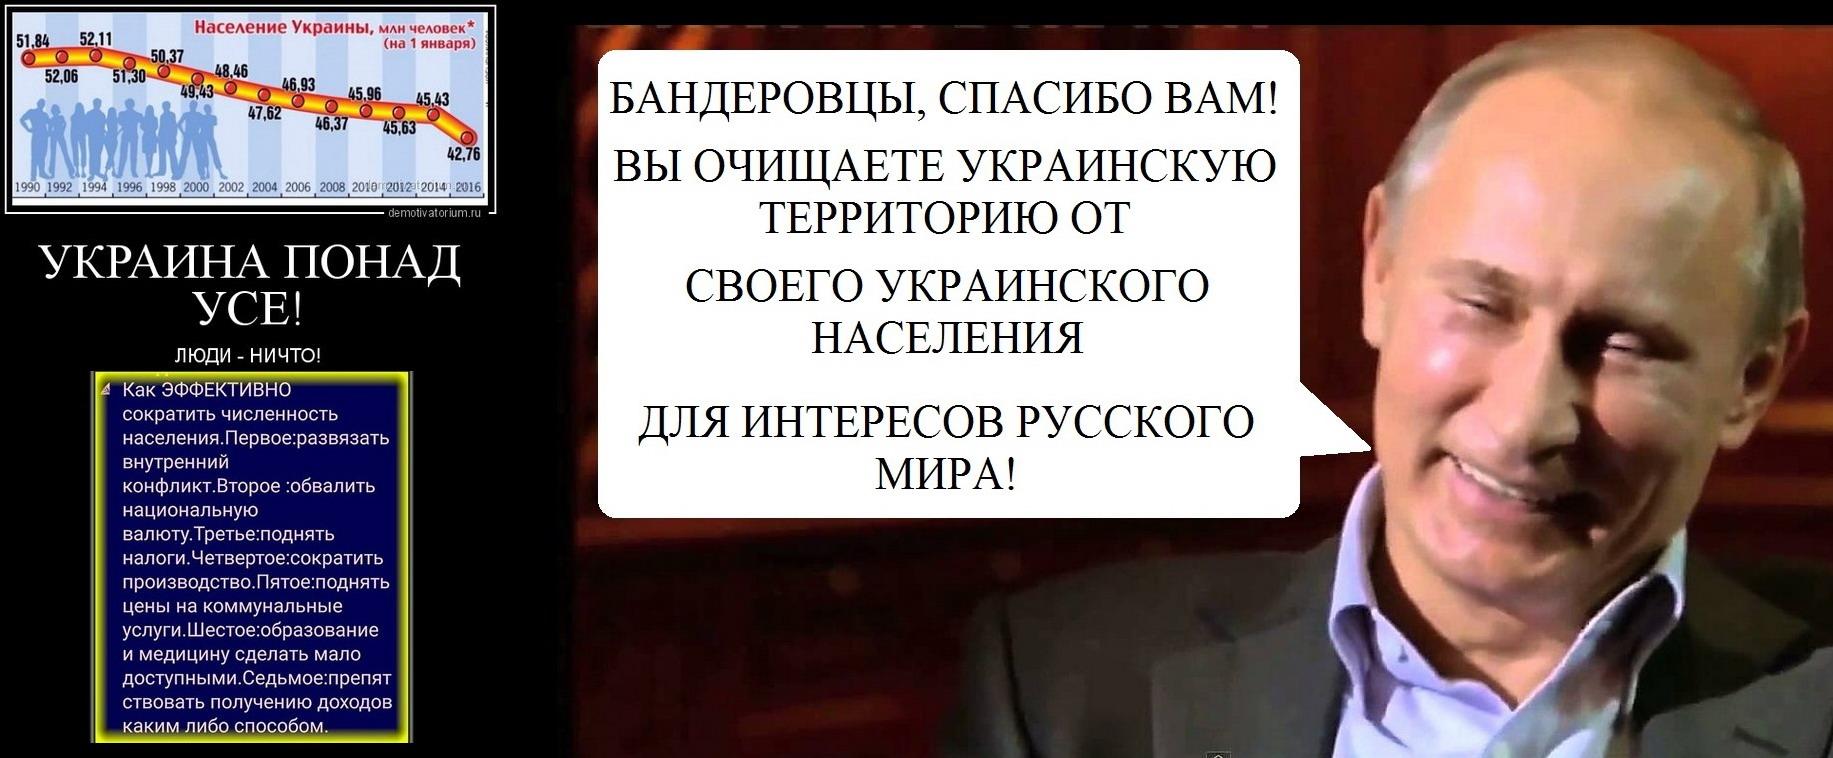 ГЕНОЦИД НАСЕЛЕНИЯ УКРАИНЫ.jpg